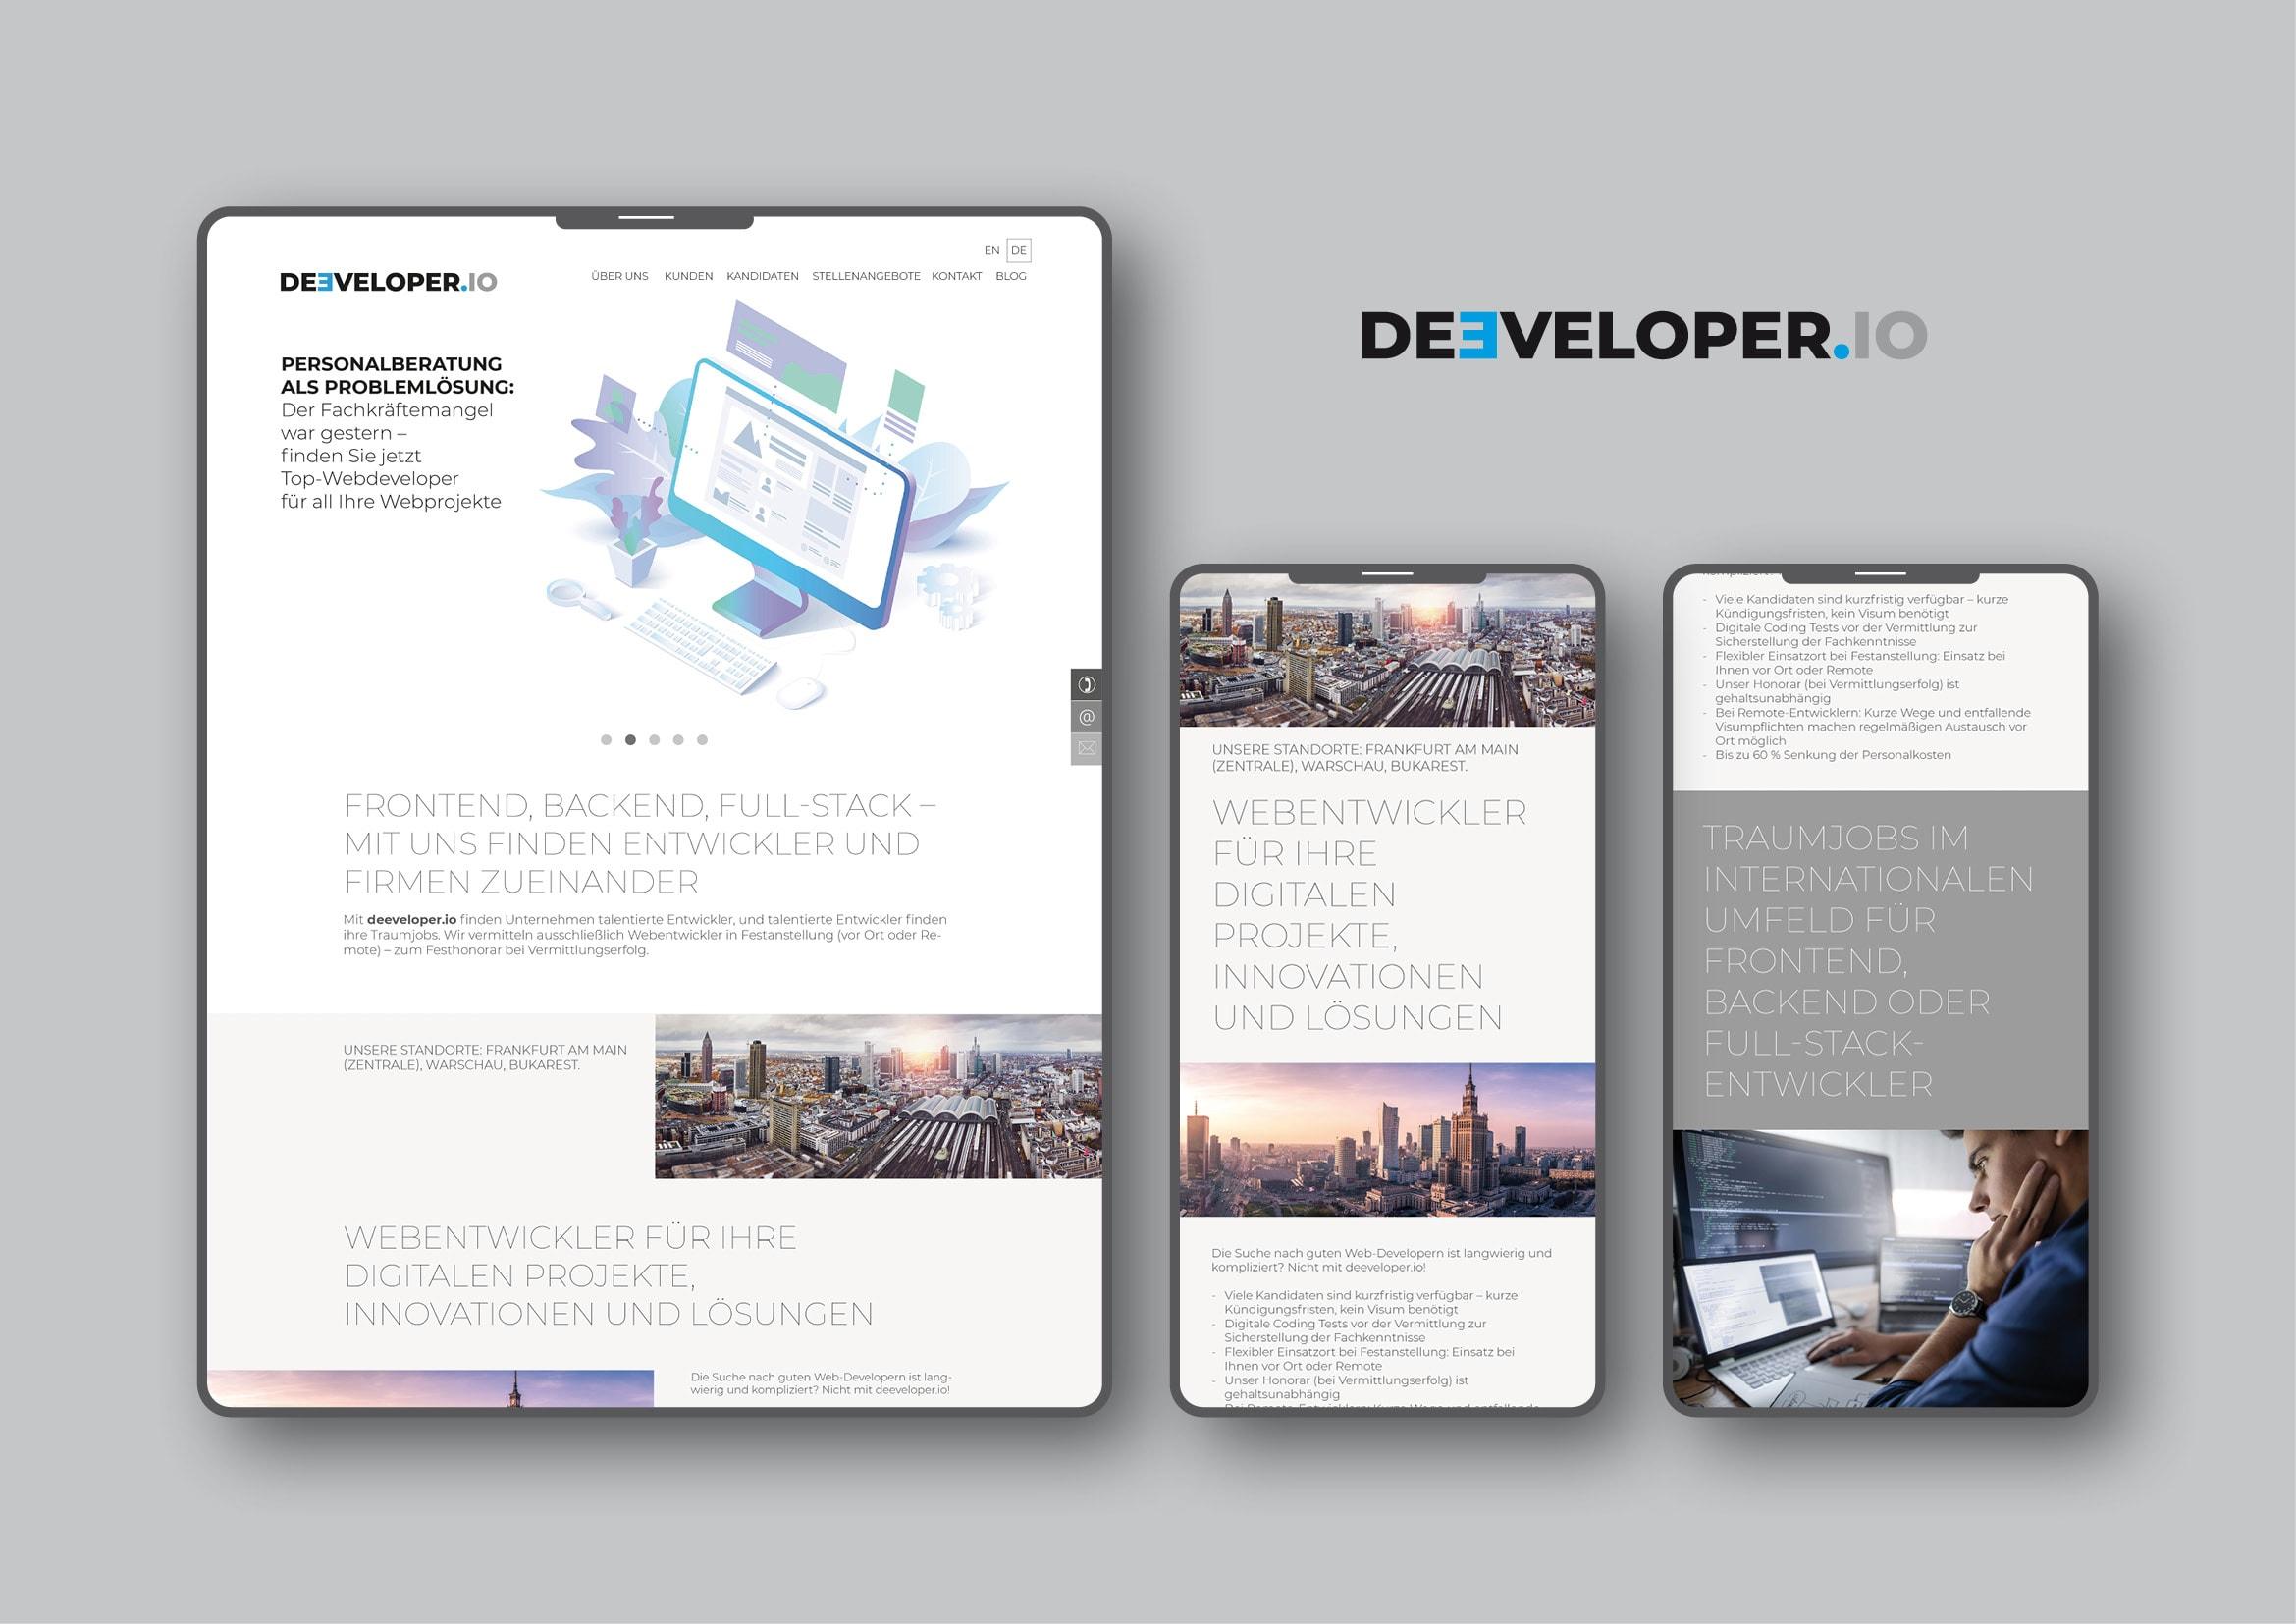 Homepage Entwicklung durch Webdesigner Ronald Wissler